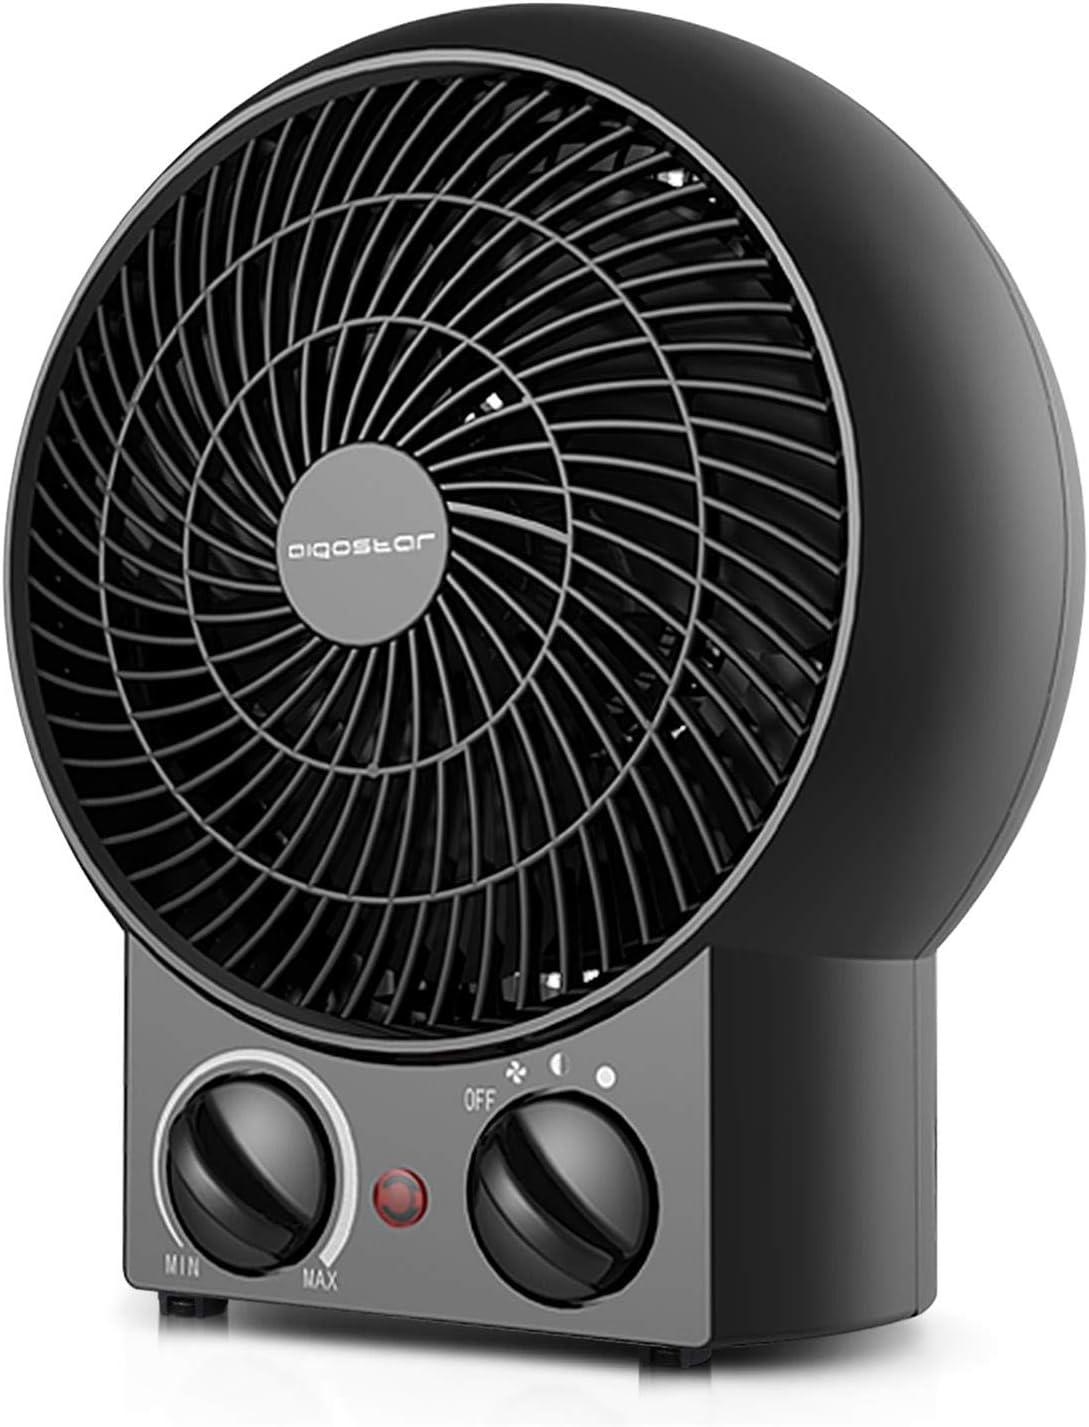 Aigostar Airwin Black 33IEL- 2000W Calefactor de aire con termostato regulable, función de aire caliente de dos niveles o ventilador con temperatura ambiente, color negro.